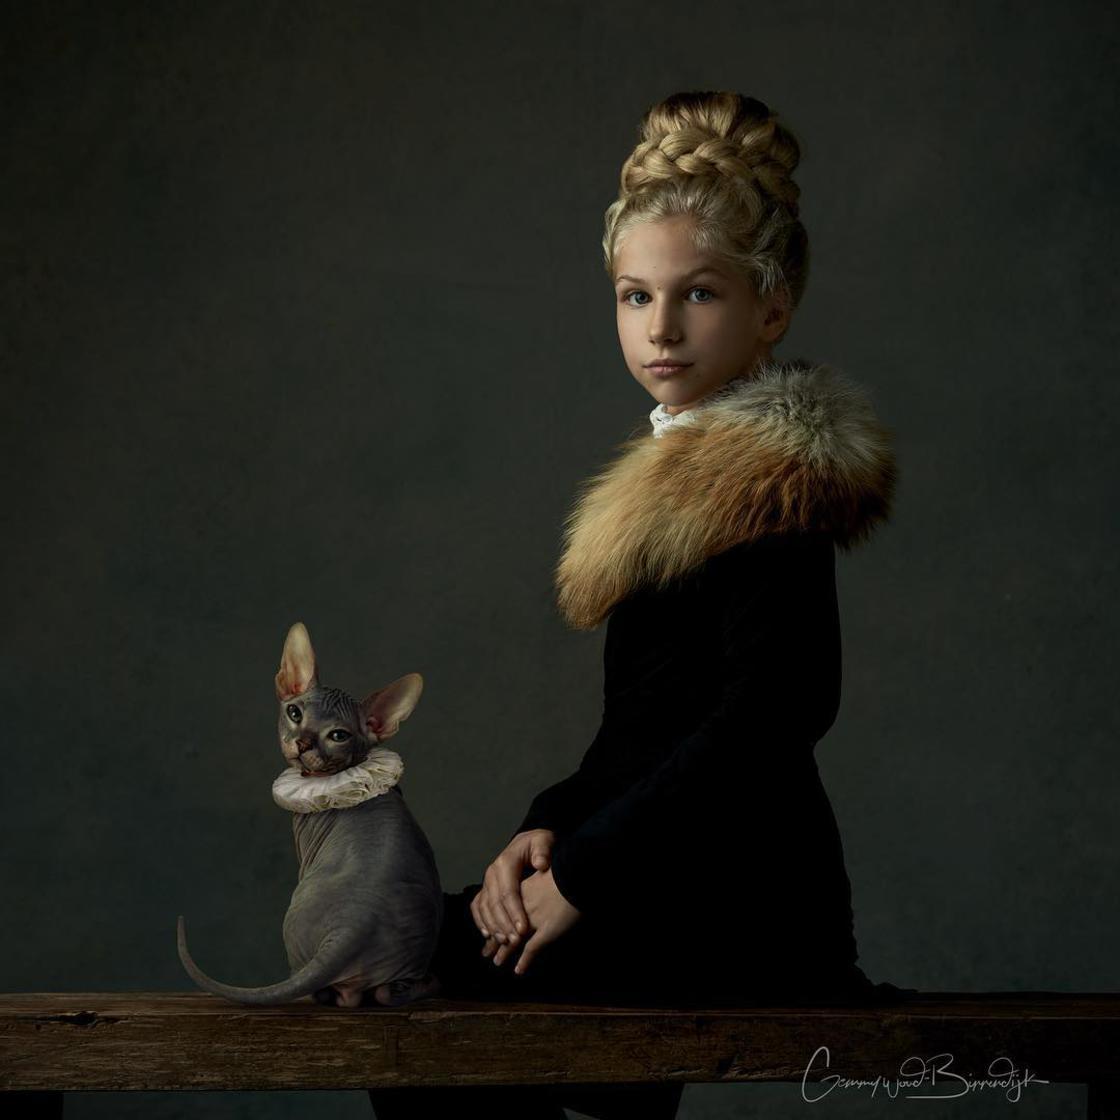 gemmy-woud-binnendijk-kid-portraits-19.jpg